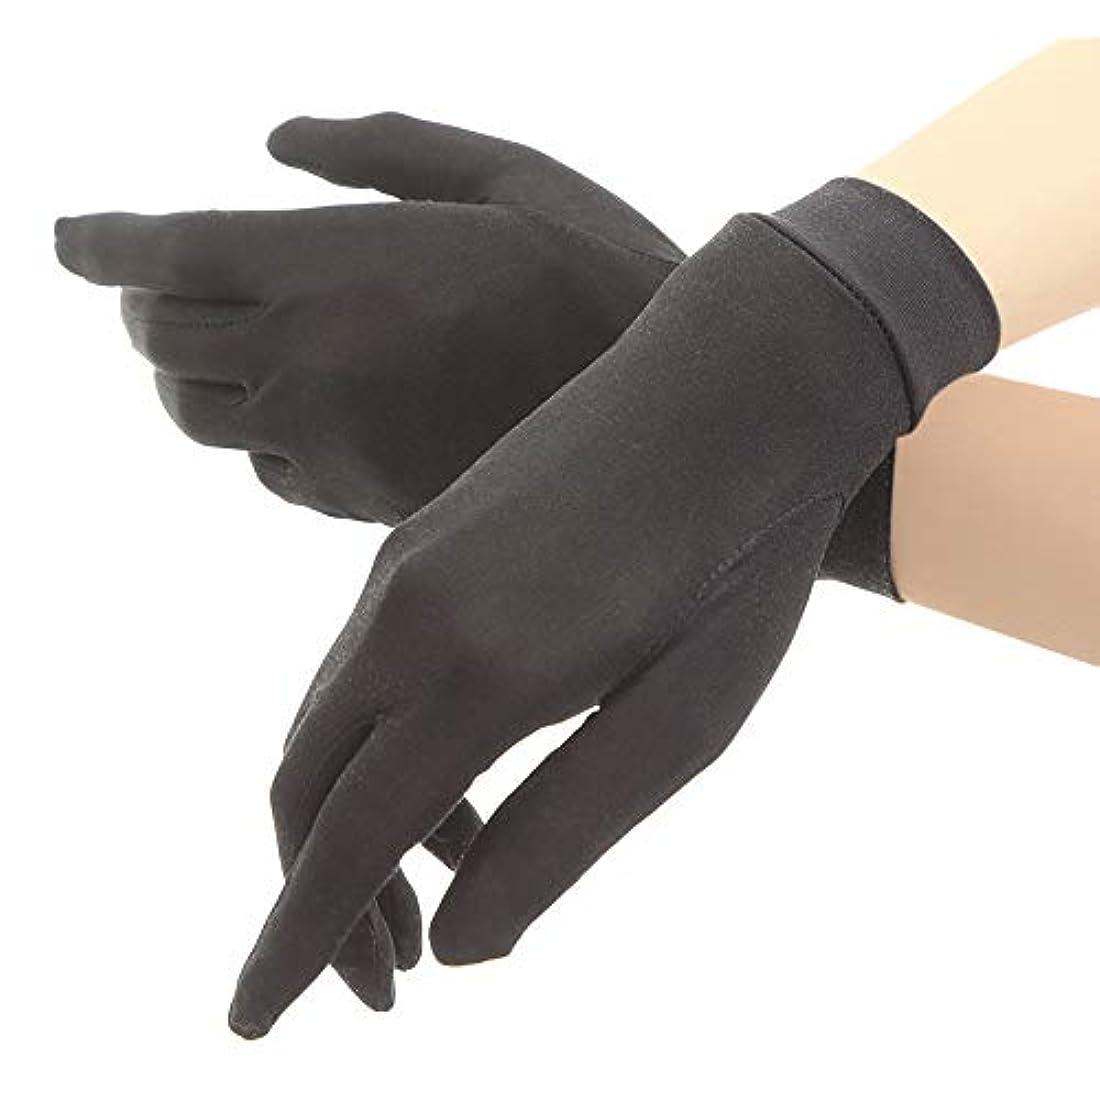 関係めまいが洞窟シルク手袋 レディース 手袋 シルク 絹 ハンド ケア 保湿 紫外線 肌荒れ 乾燥 サイズアップで手指にマッチ 【macch】